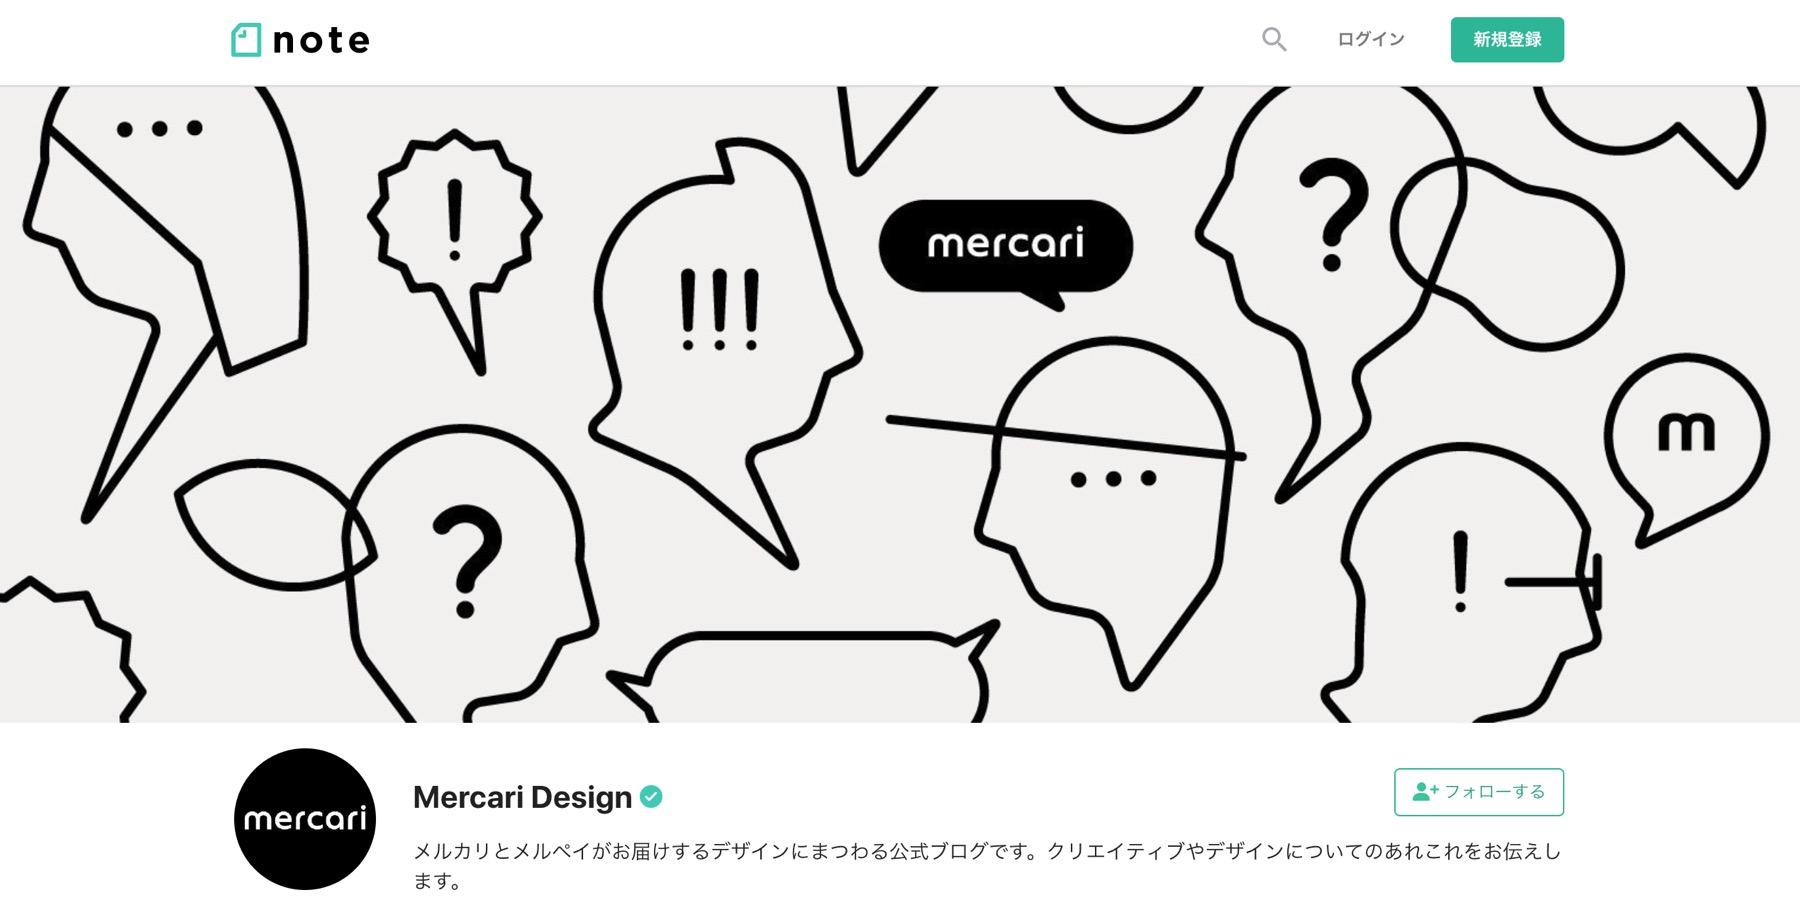 Mercari Design